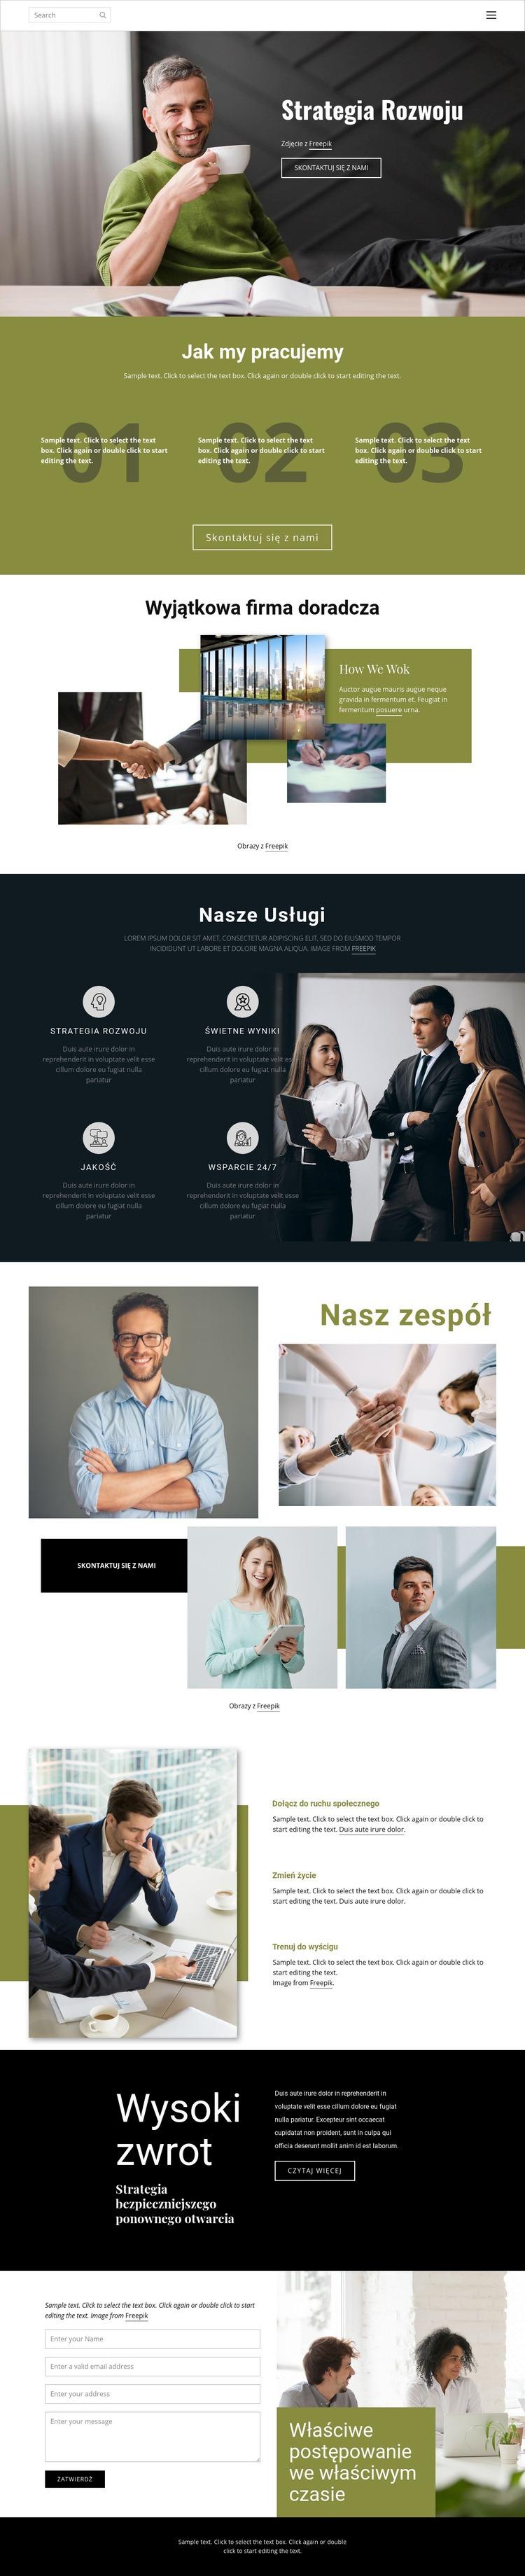 Sposoby na rozwój biznesu Szablon witryny sieci Web